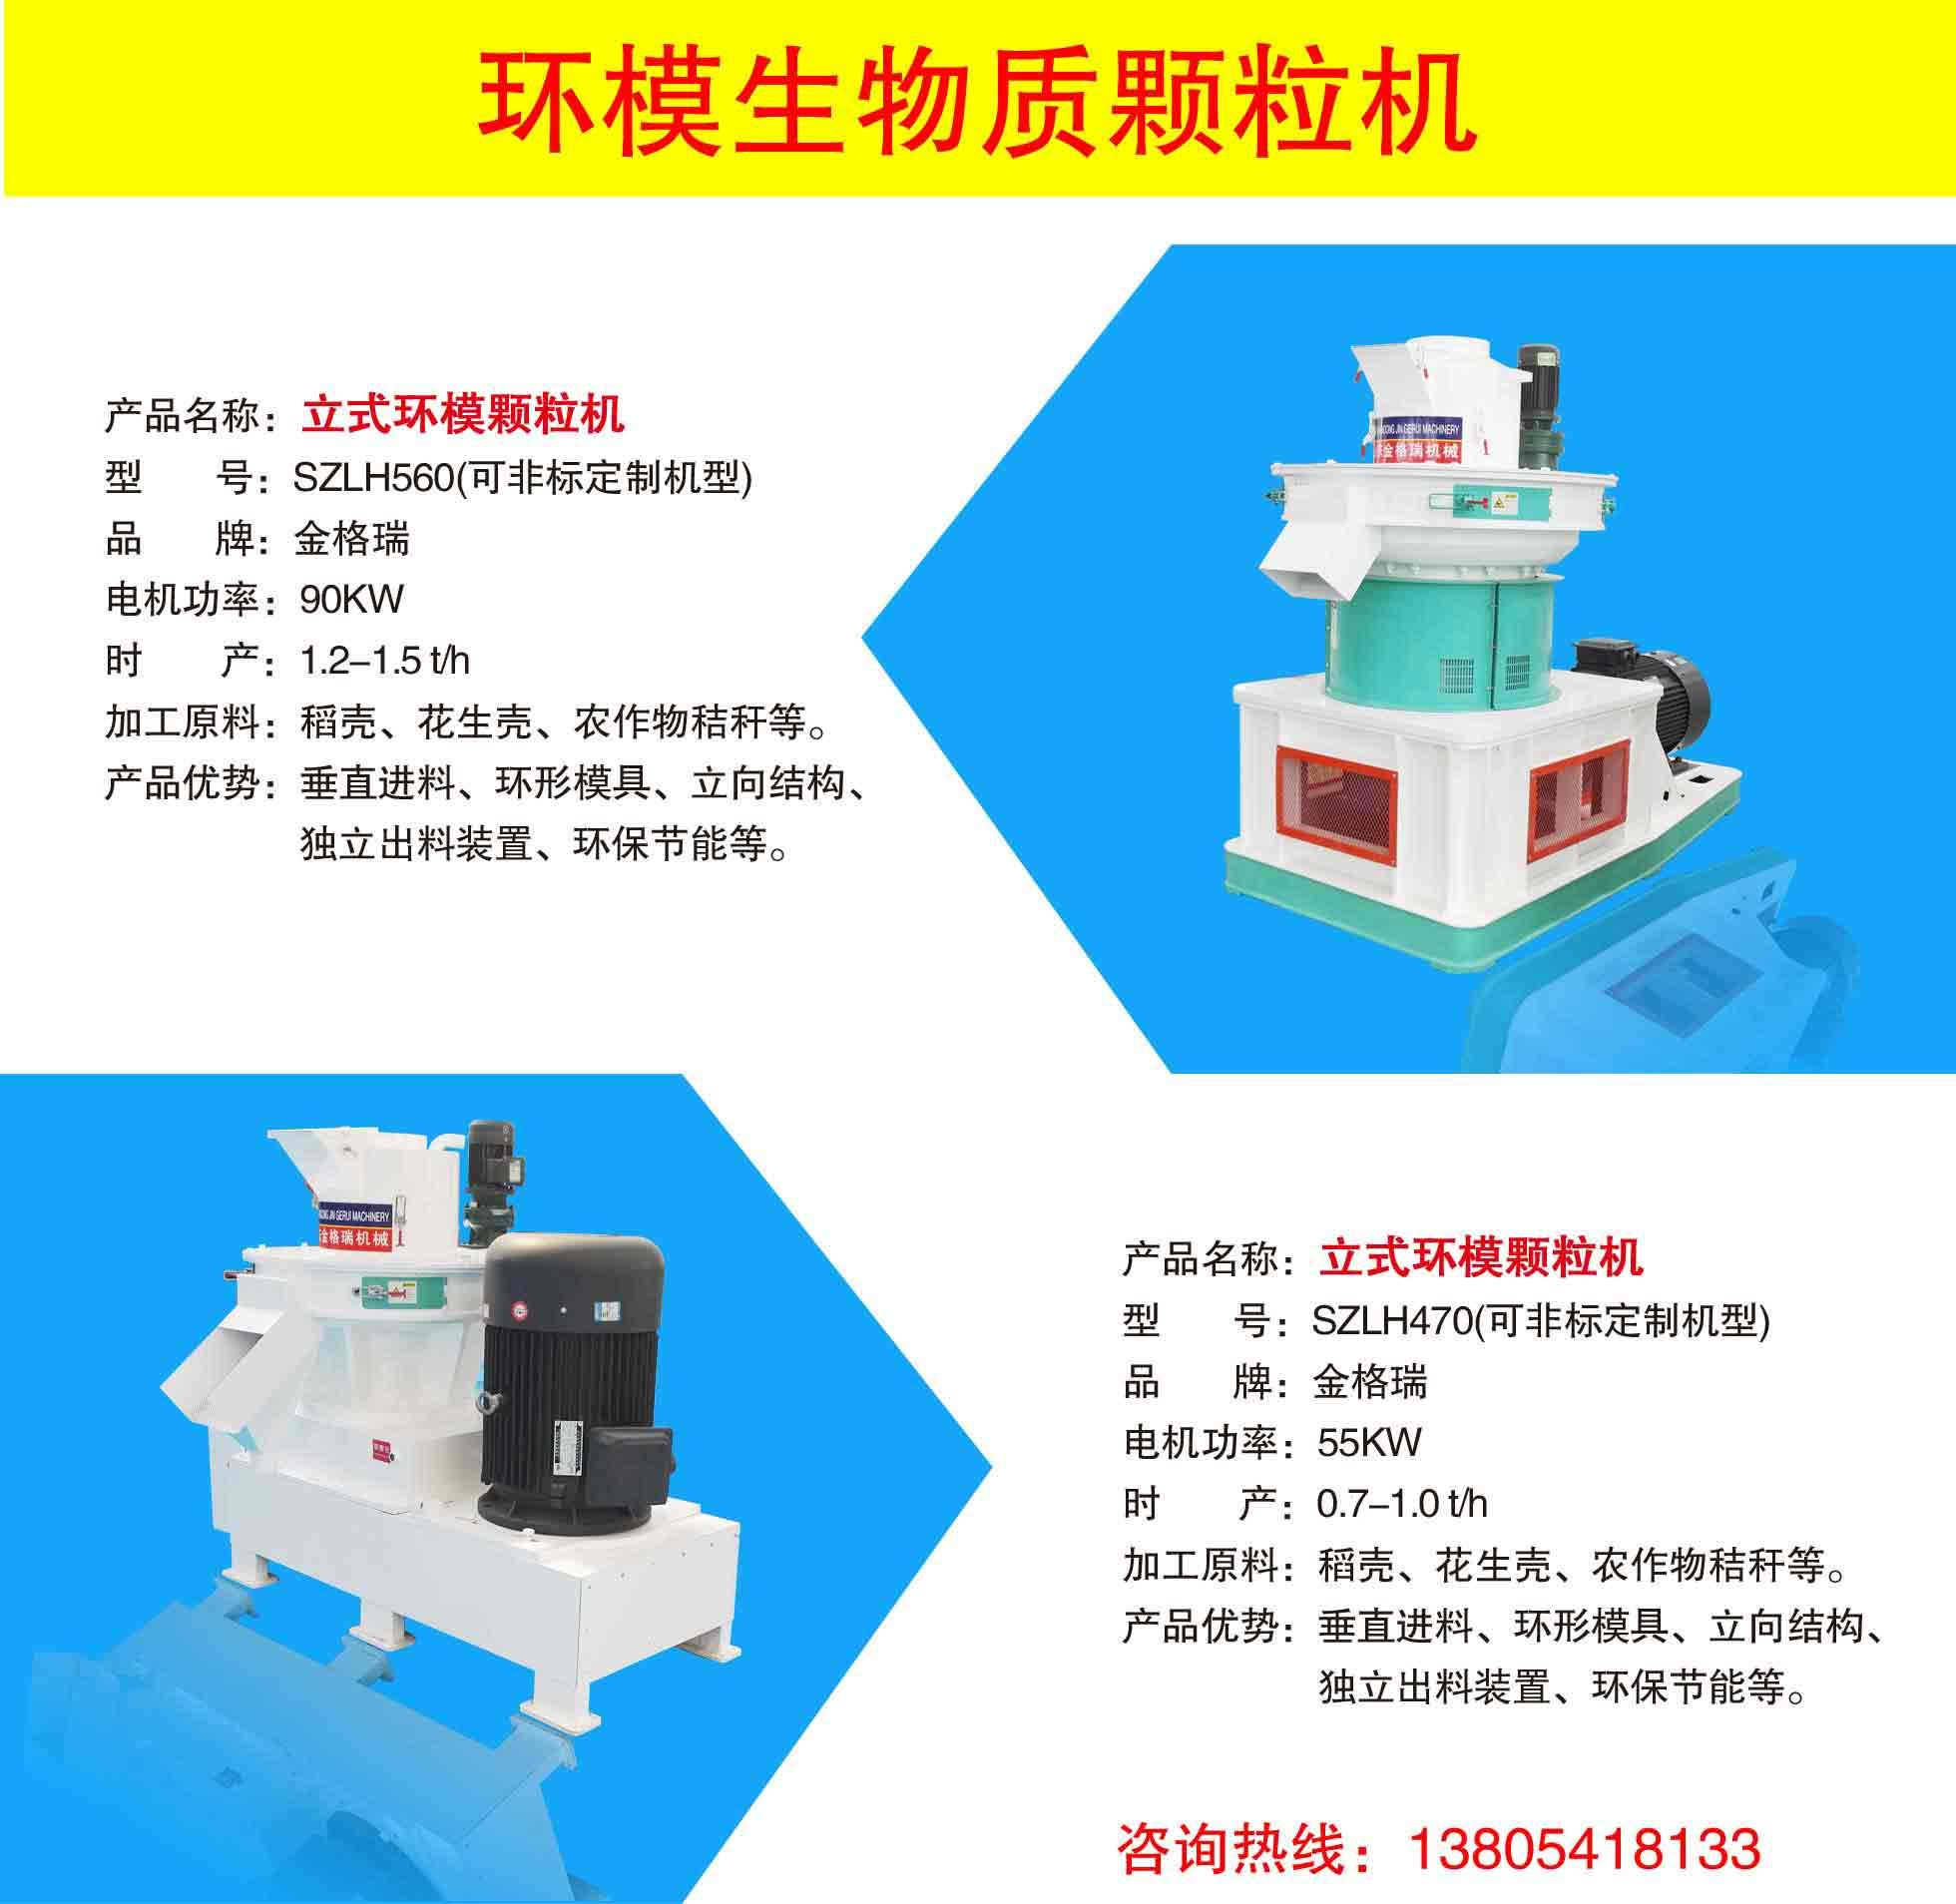 生物质颗粒机加工原料和产品优势